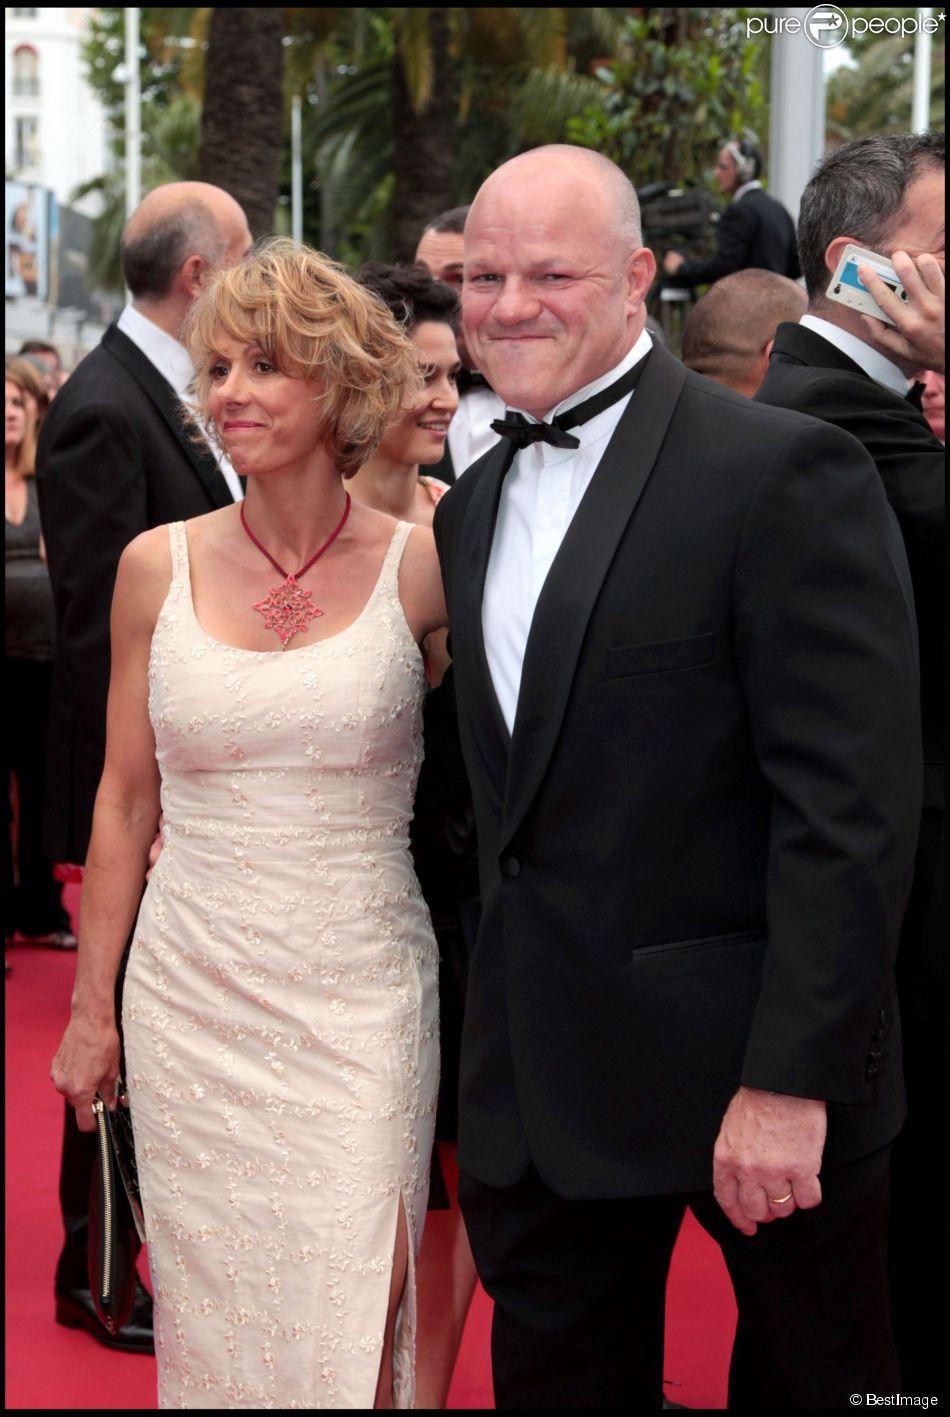 philippe etchebest et sa femme mont e des marches du film la conqu te 64e festival de cannes. Black Bedroom Furniture Sets. Home Design Ideas